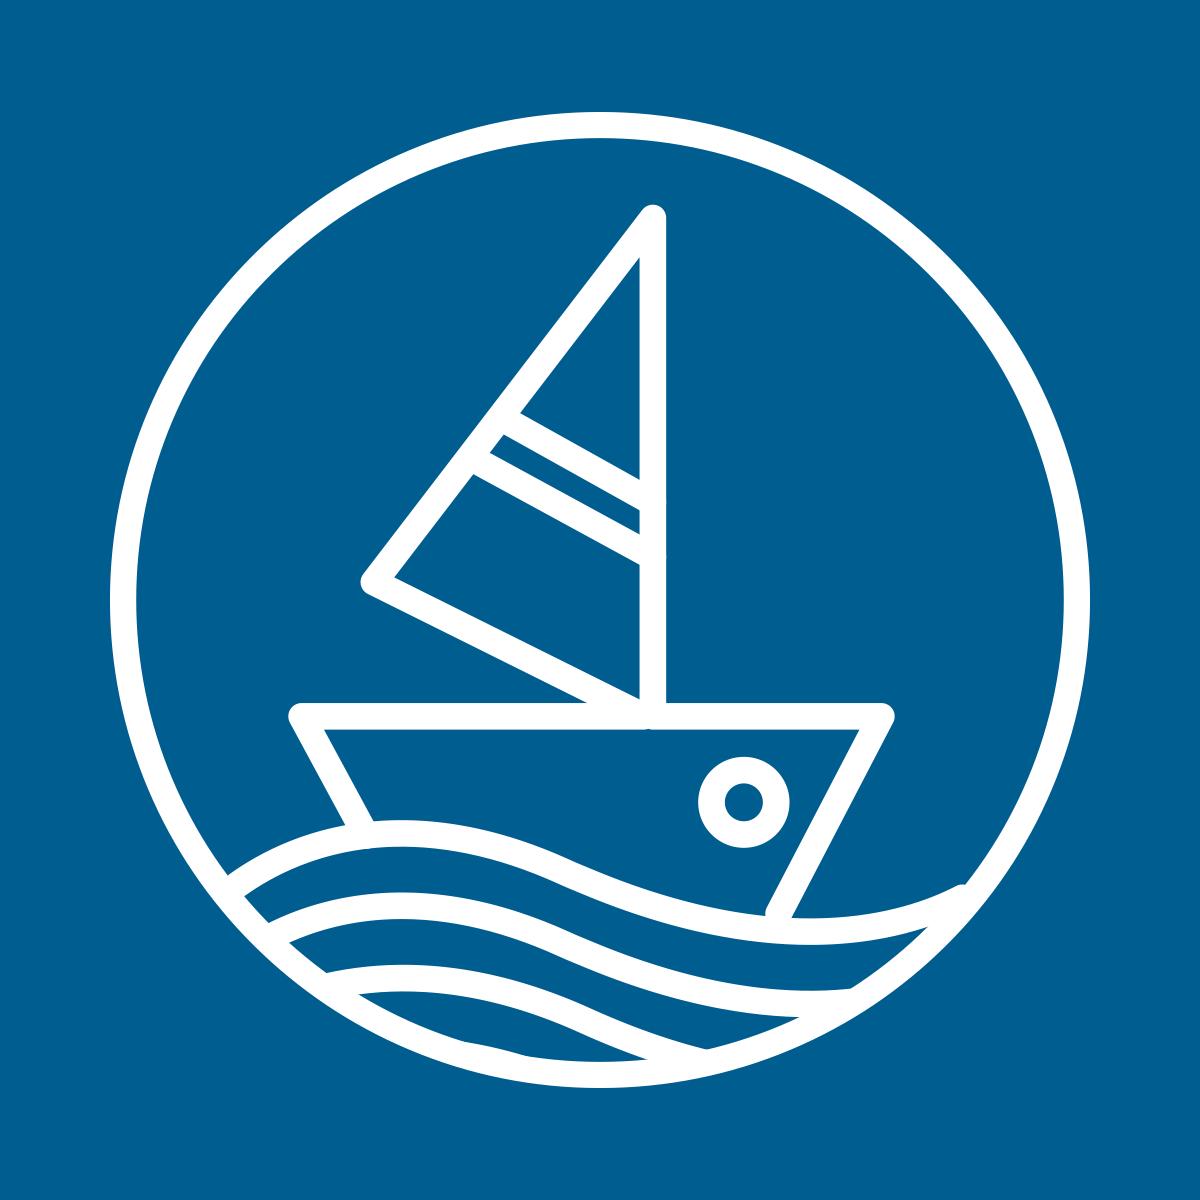 Shopify Shipping Apps by Ian mcfarlan